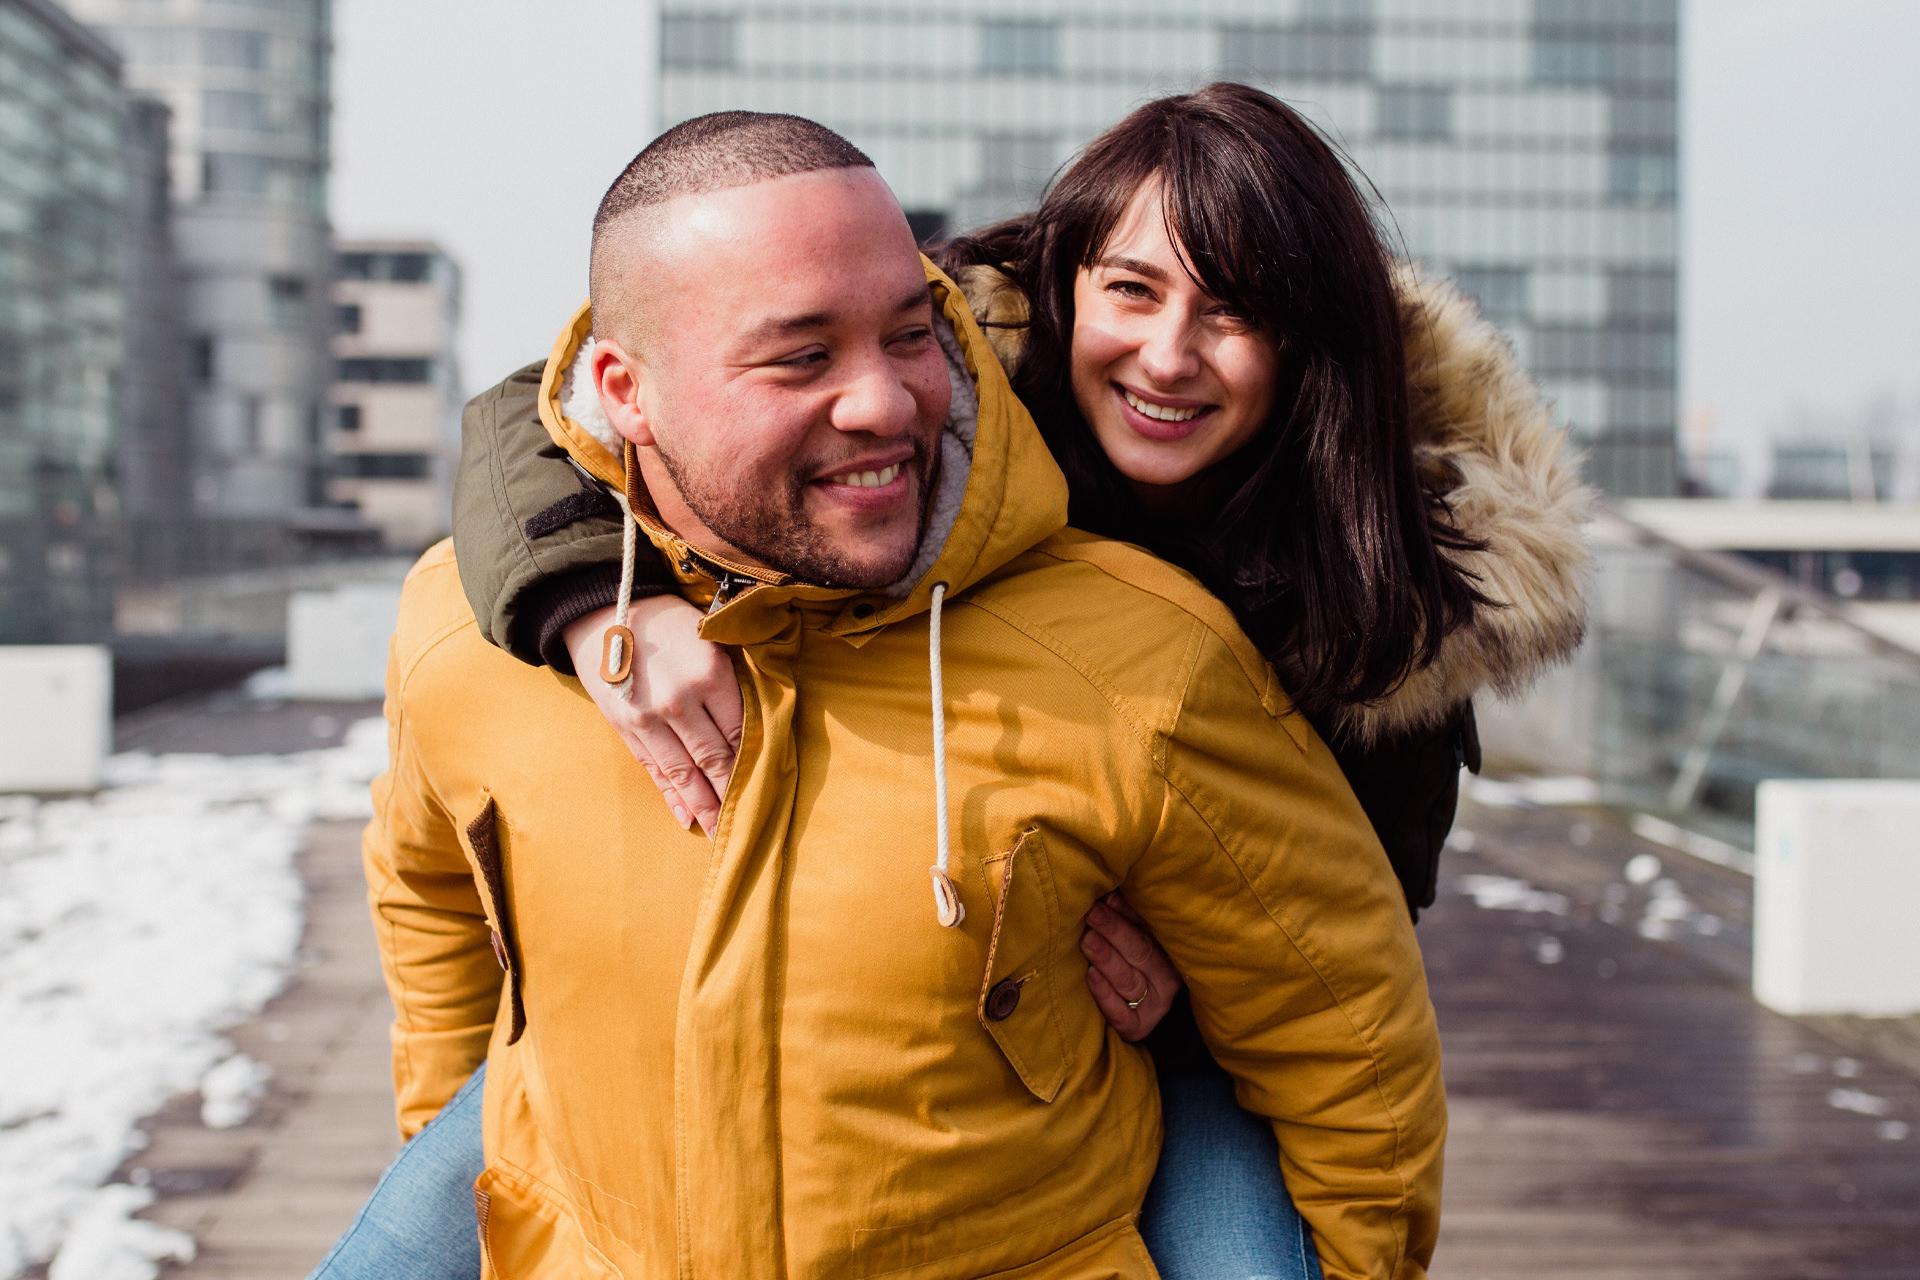 Lockeres und listiges Paar Shooting in Düsseldorf Medienhafen - Winter in Düsseldorf - Paar schlendert durch den Schnee im Düsseldorfer Medienhafen - Chris Reuter Hochzeitsfotograf